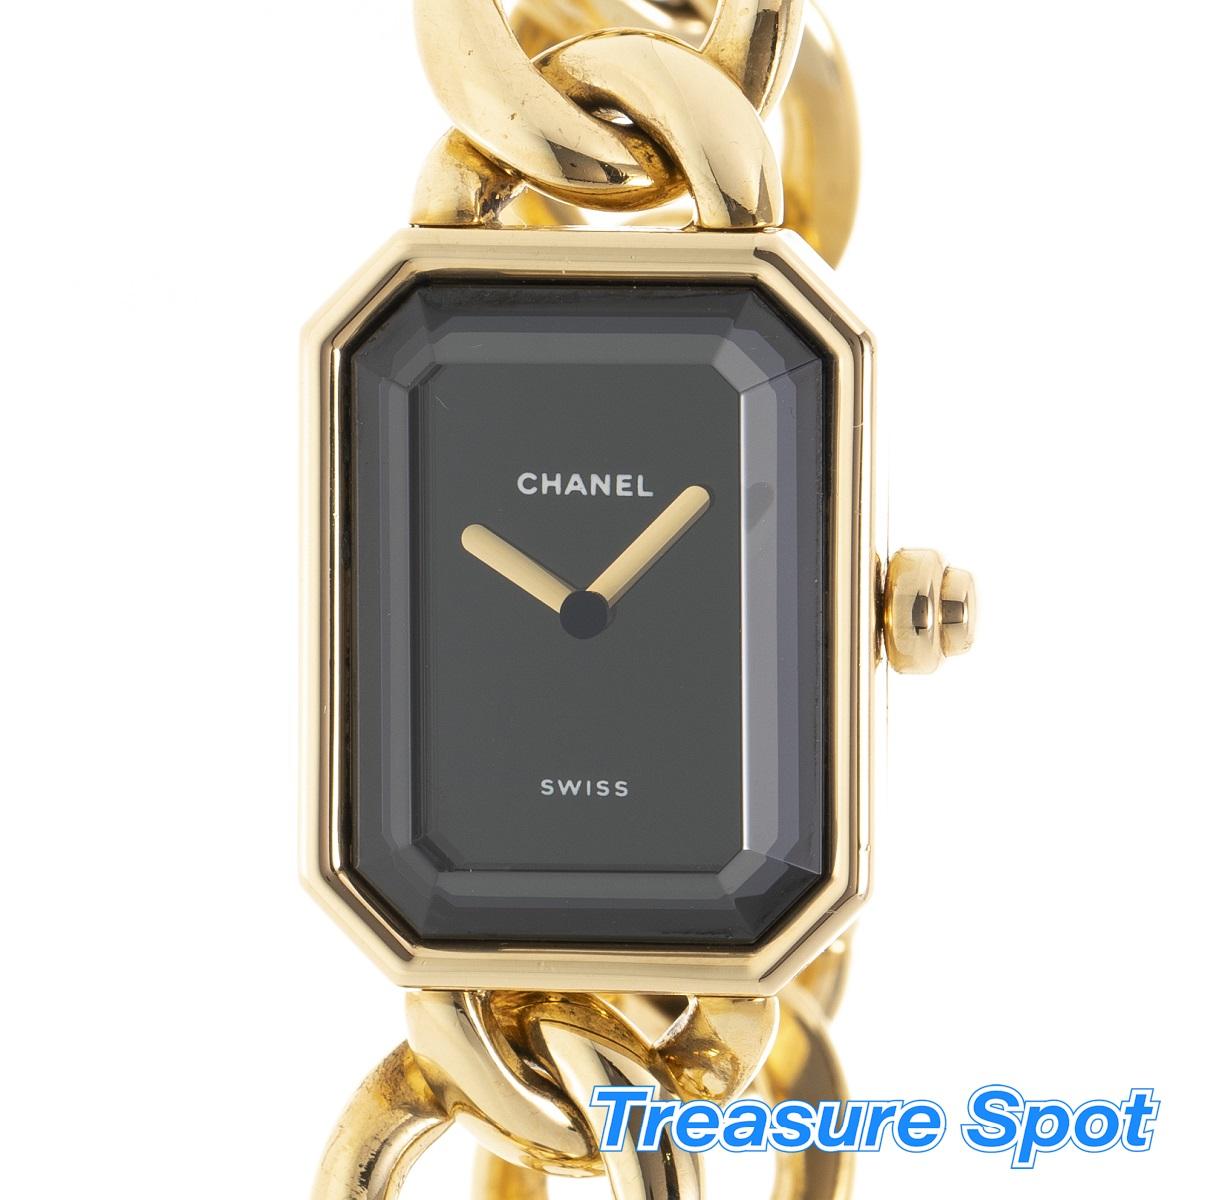 CHANEL シャネル プルミエール  YG 750 イエローゴールド Lサイズ 電池 クォーツ レディース 腕時計 送料無料 【トレジャースポット】【中古】